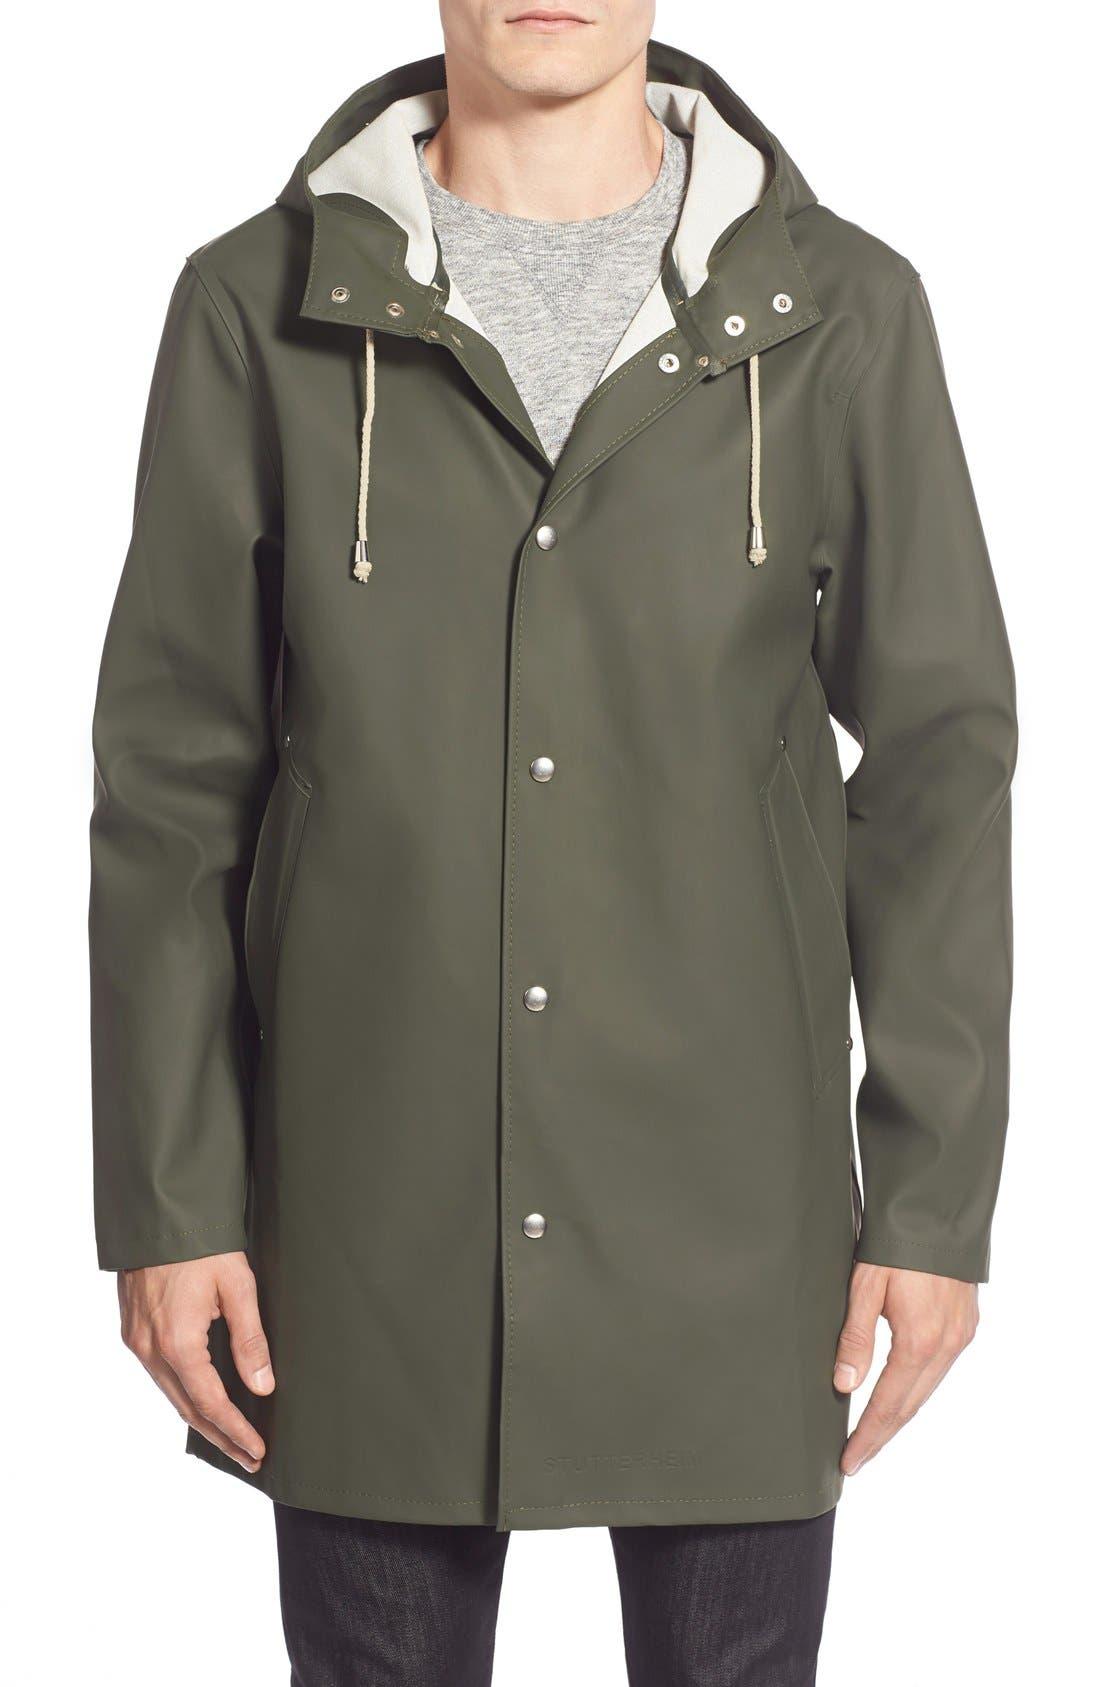 Mens jacket names - Mens Jacket Names 20